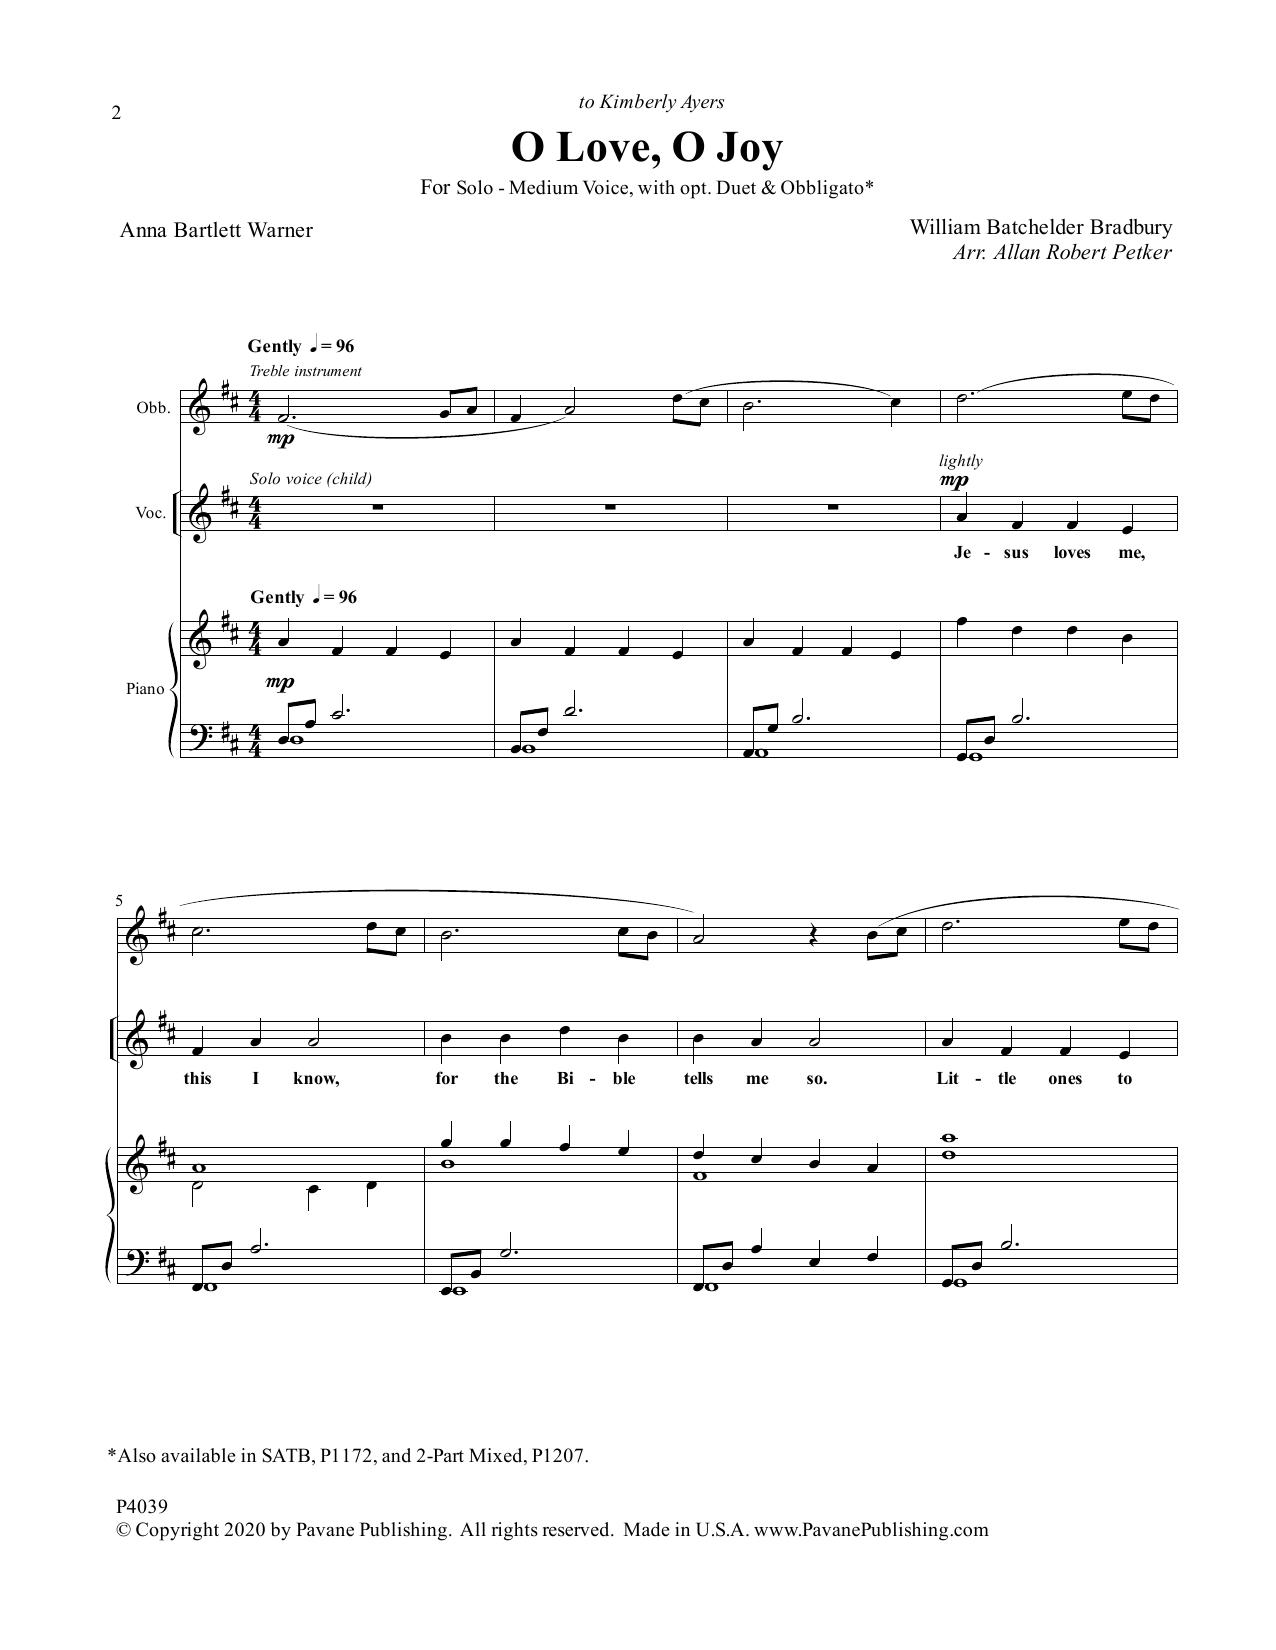 O Love, O Joy Sheet Music